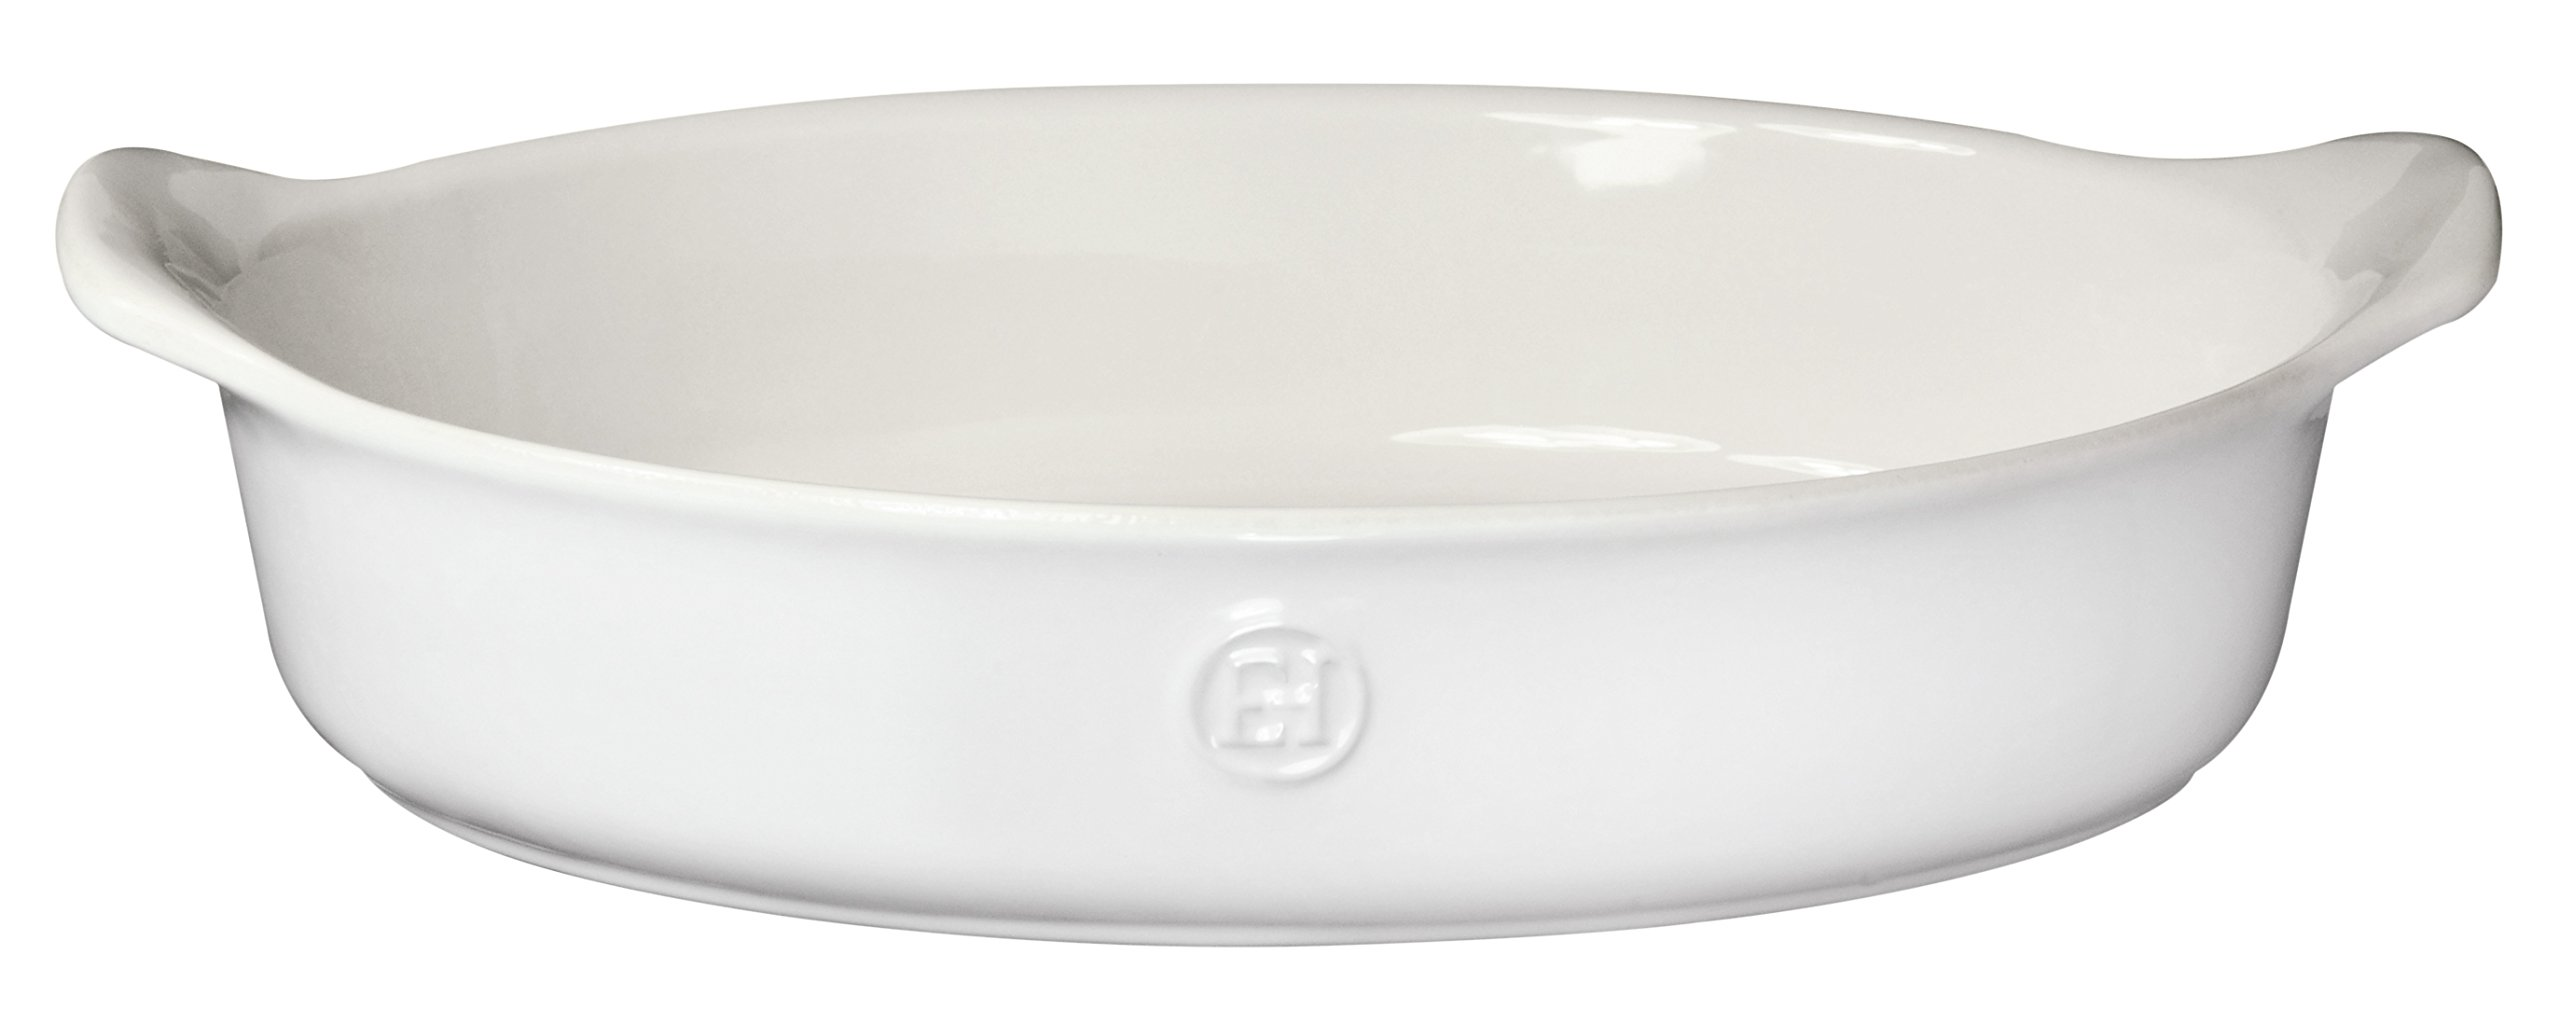 Emile Henry Made In France HR Modern Classics Oval Baker, 14.2 x 9.4, White